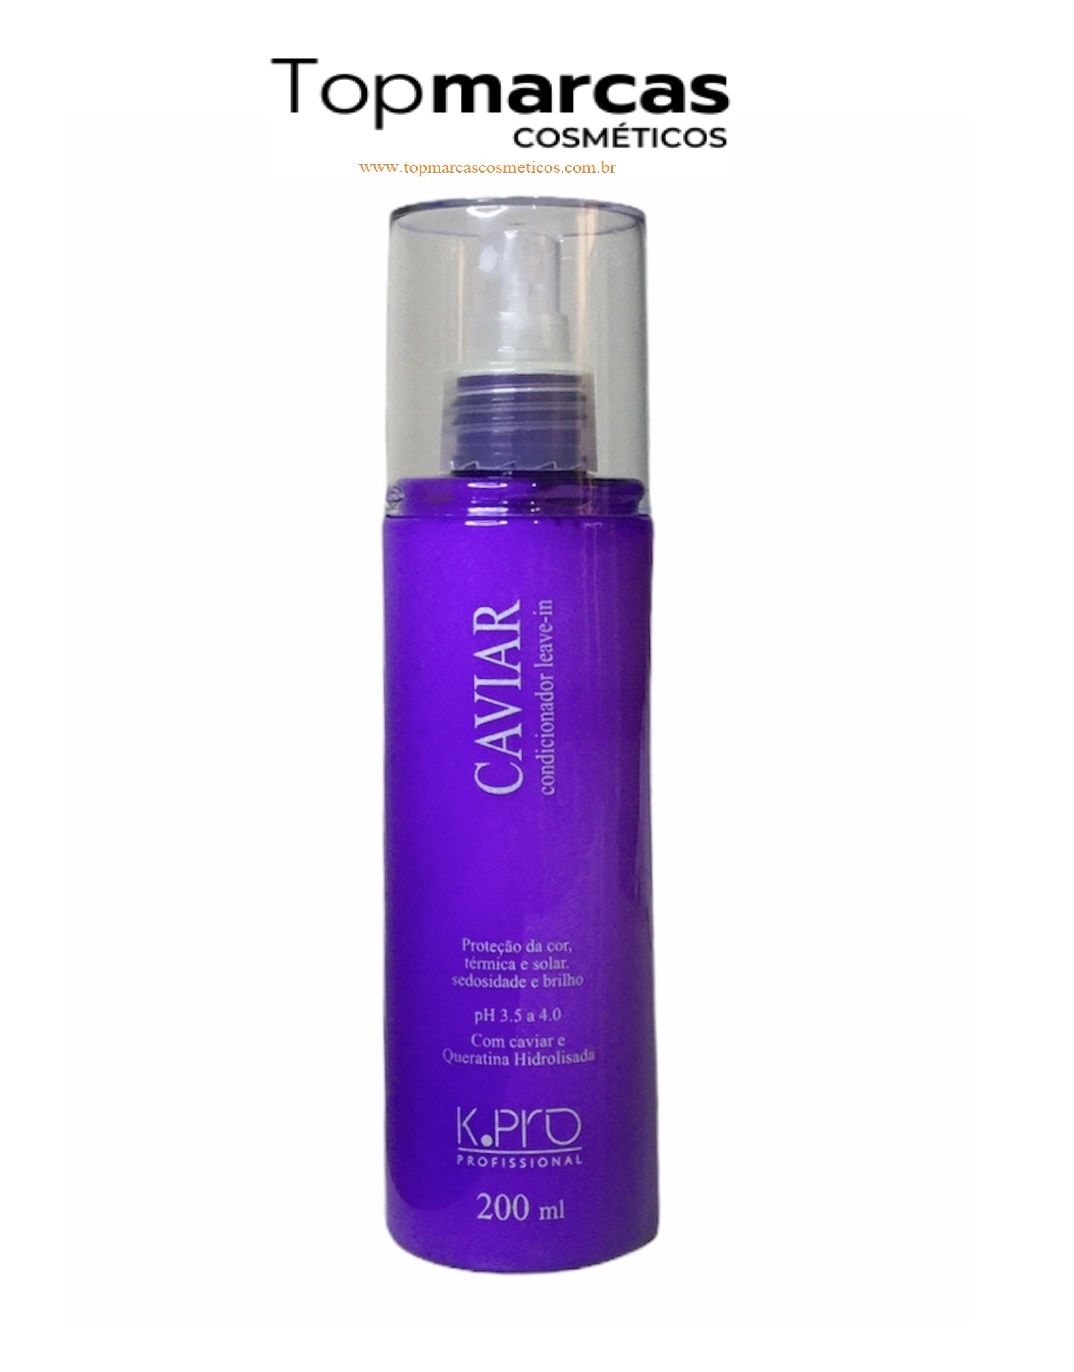 K.Pro Caviar - Spray Leave-in 200ml